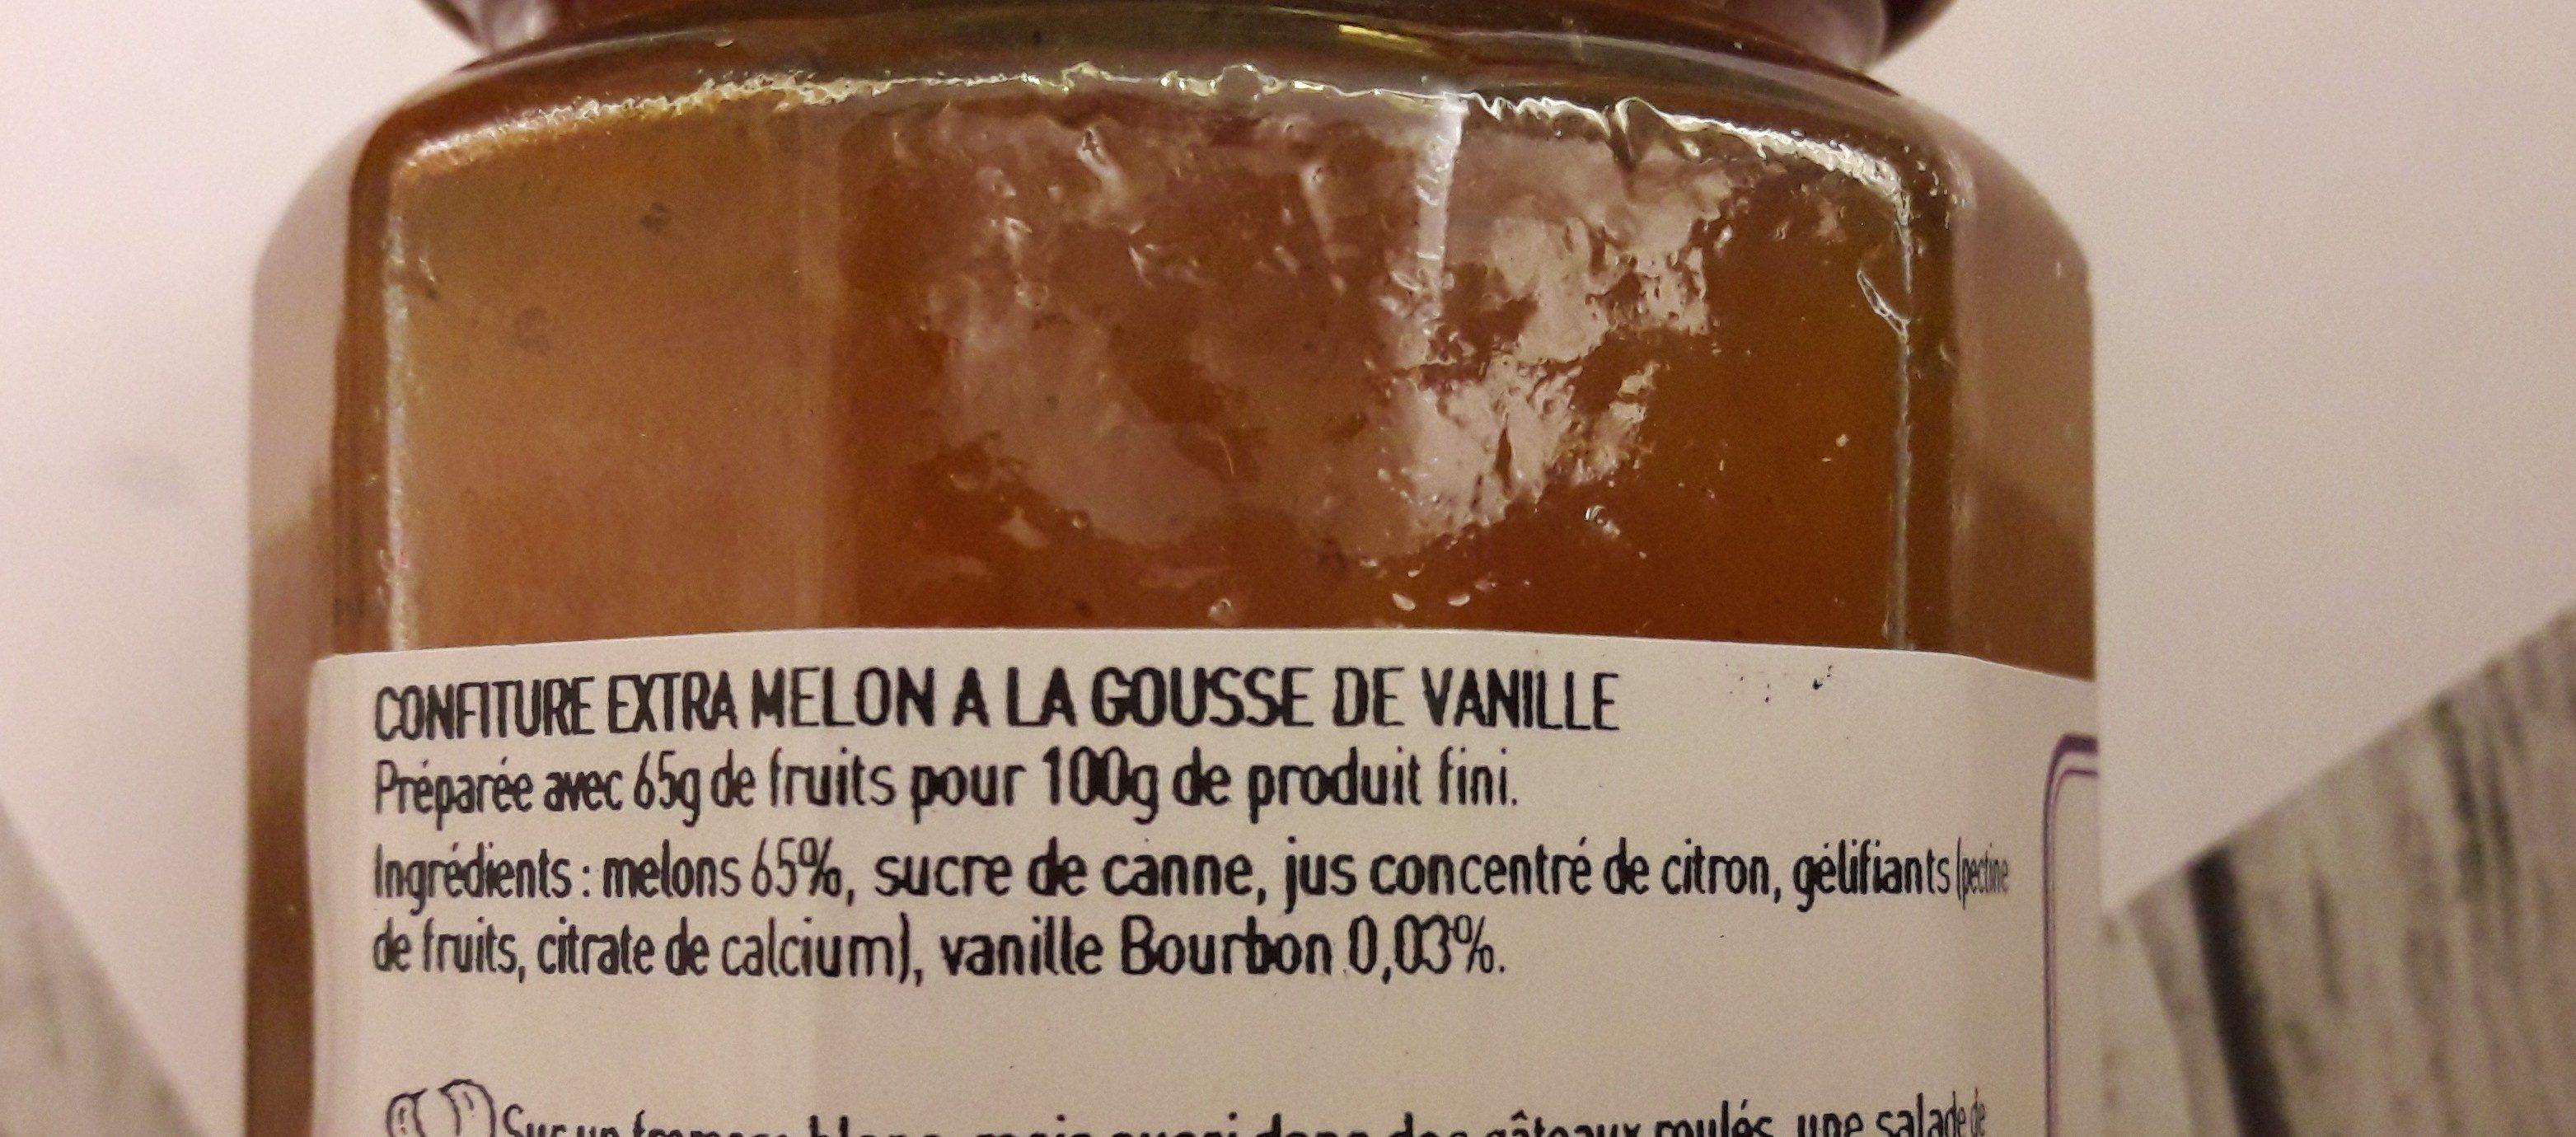 Confiture artisanale Melon à la gousse de vanille - Ingrédients